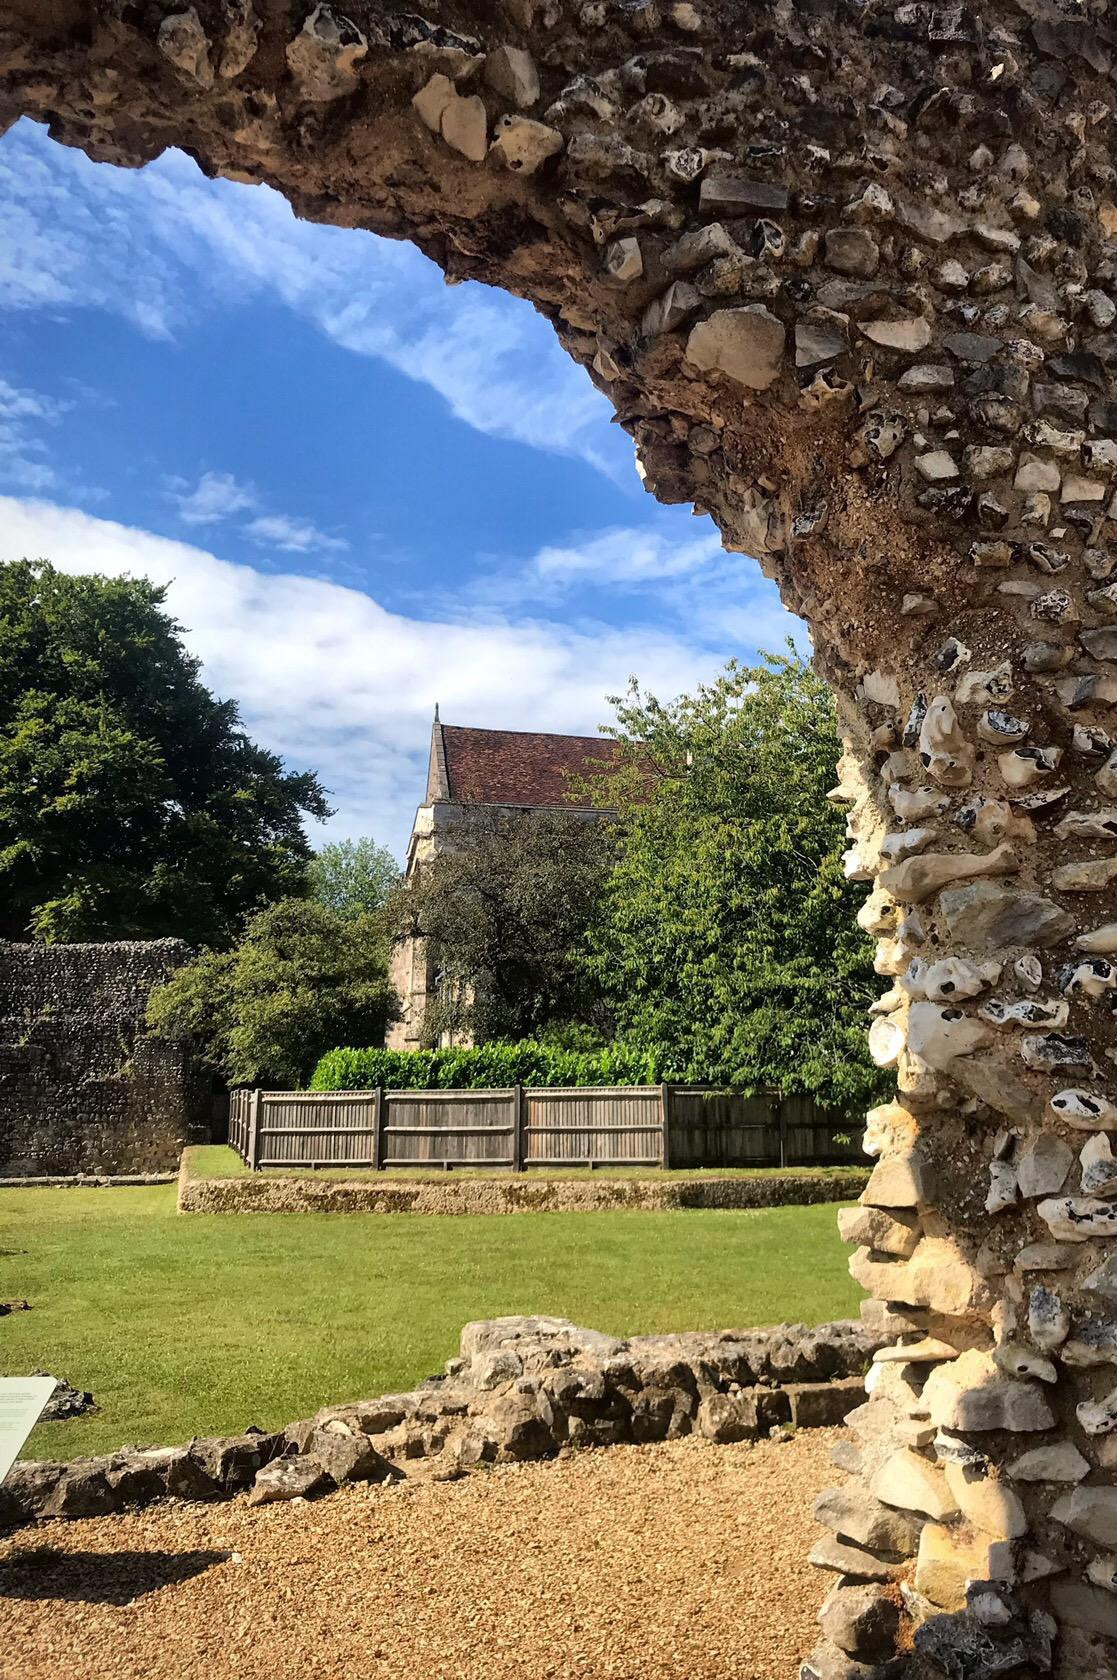 Арка в Винчестере- городке, где хотелось бы встретить старость. Здесь тихо, уютно и очень красиво!